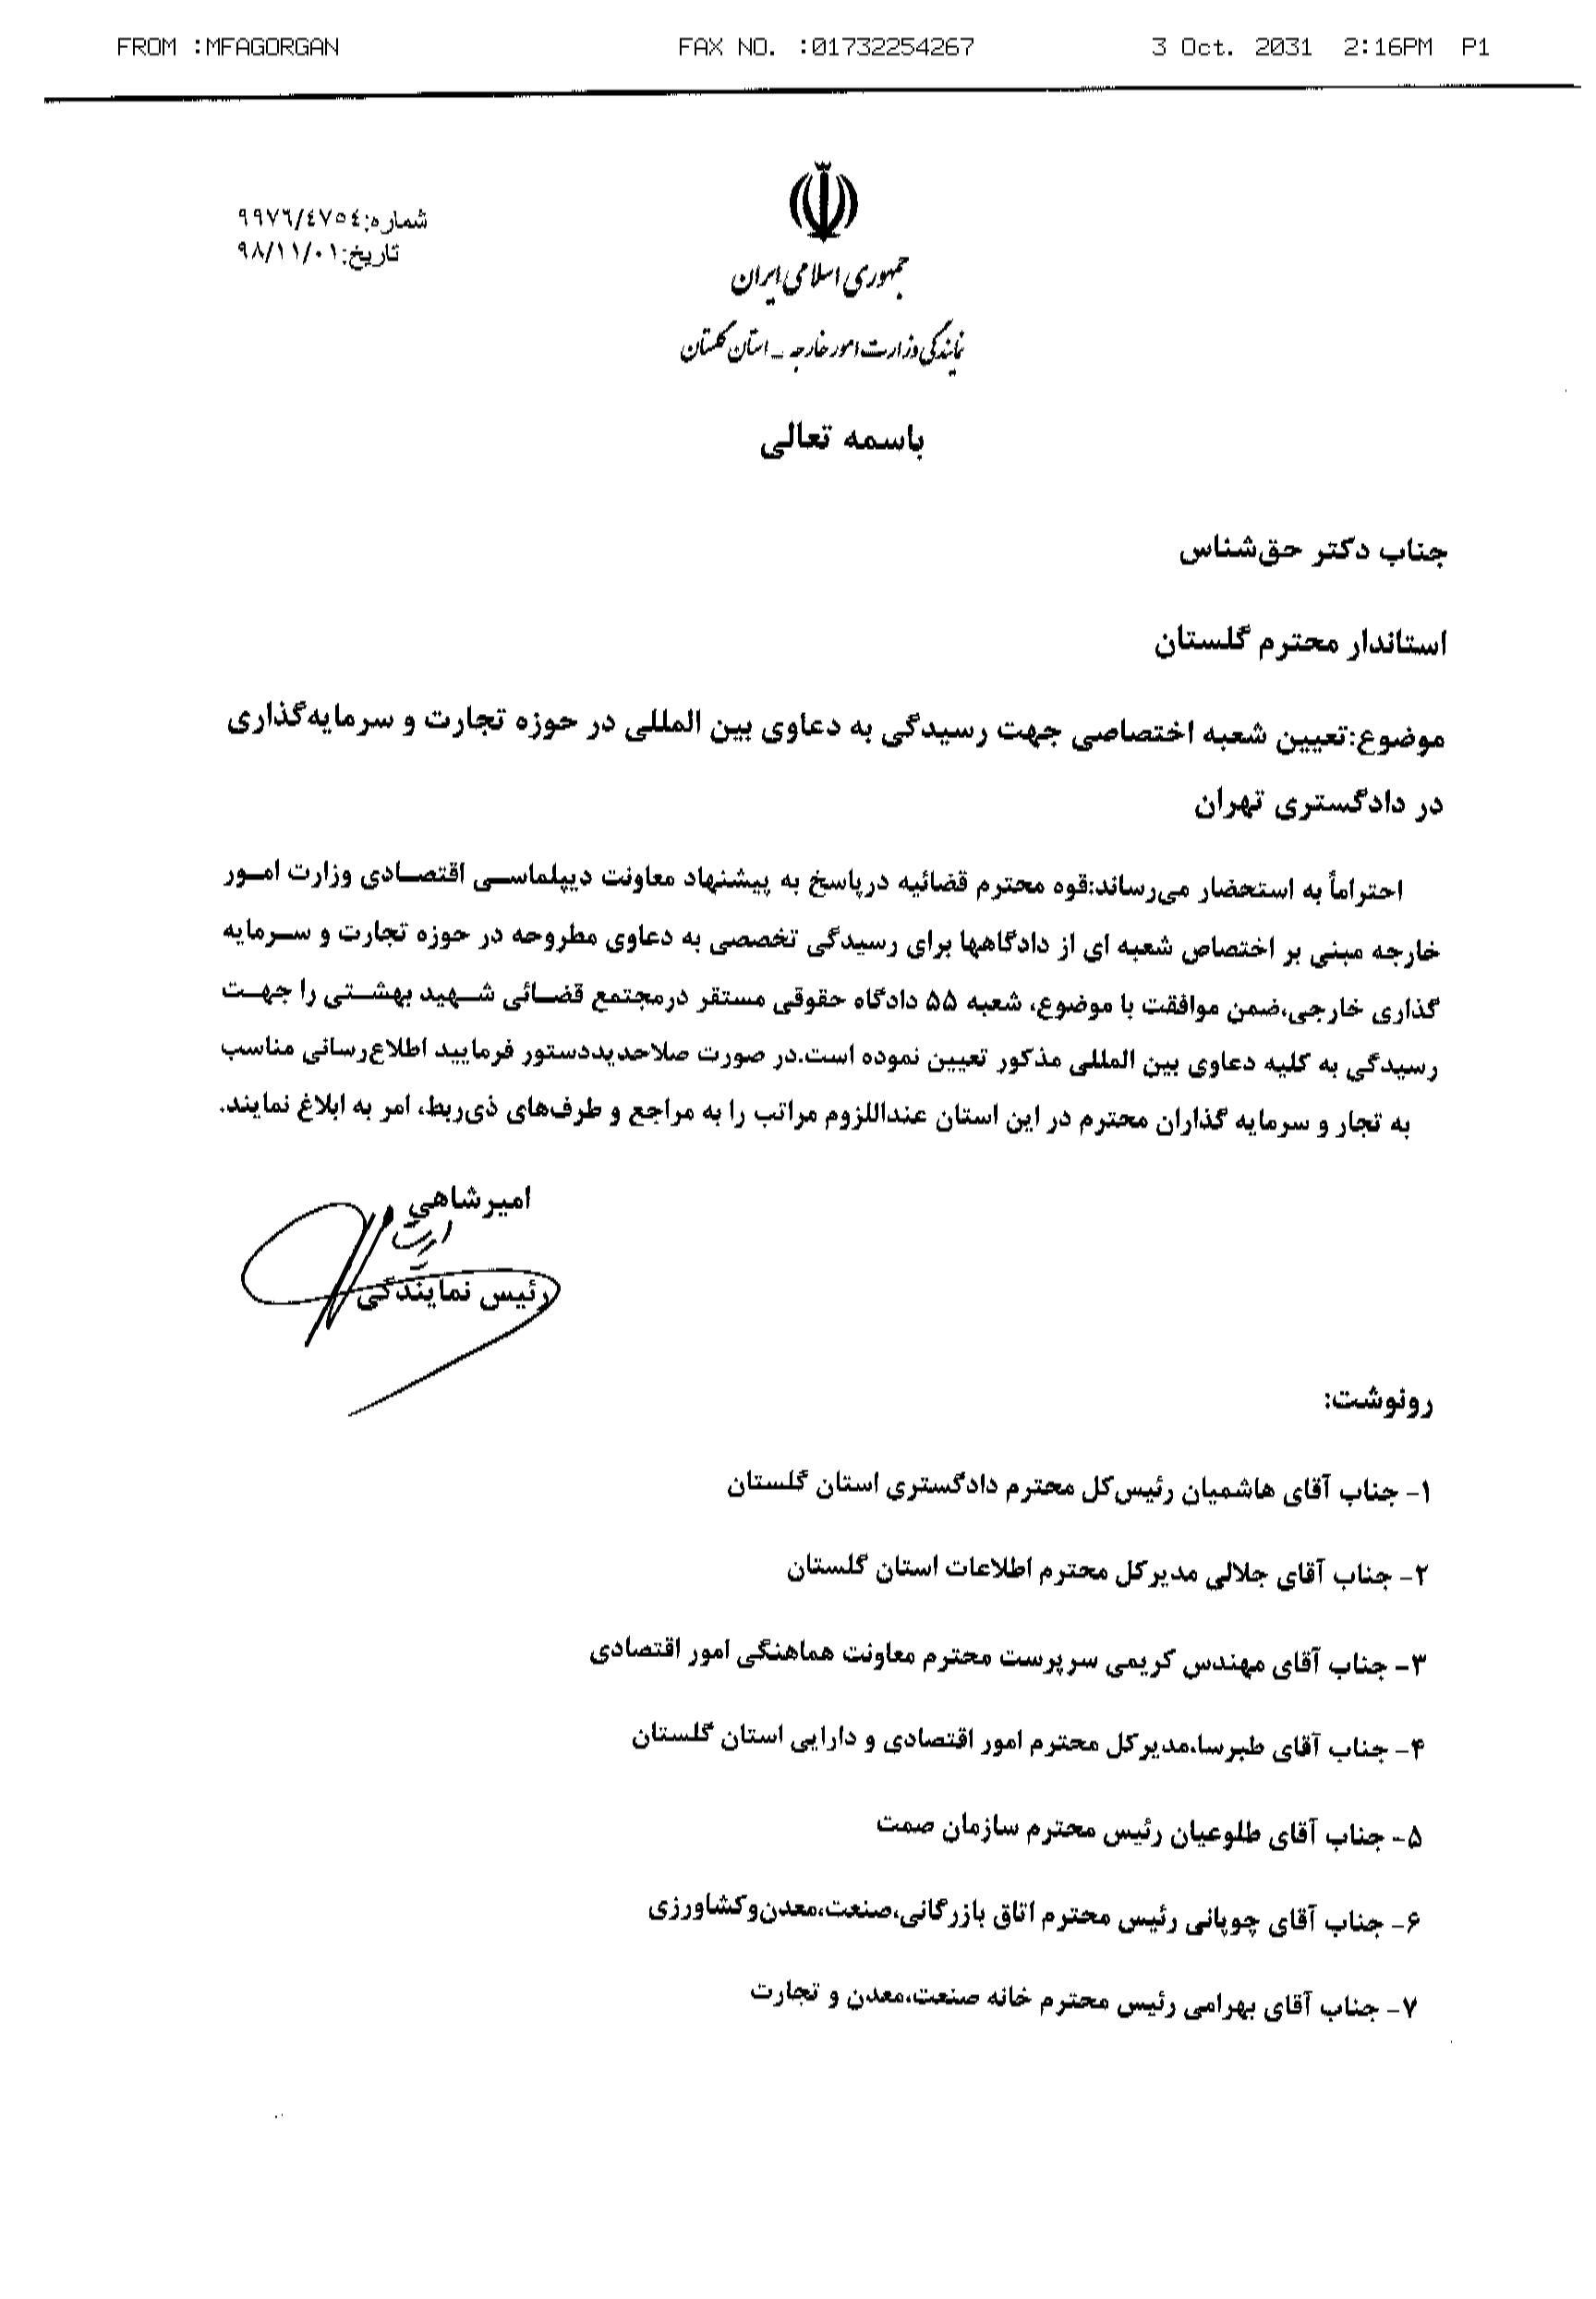 تعیین شعبه اختصاصی جهت رسیدگی به دعاوی بین المللی در حوزه تجارت و سرمایه گذاری در دادگستری تهران